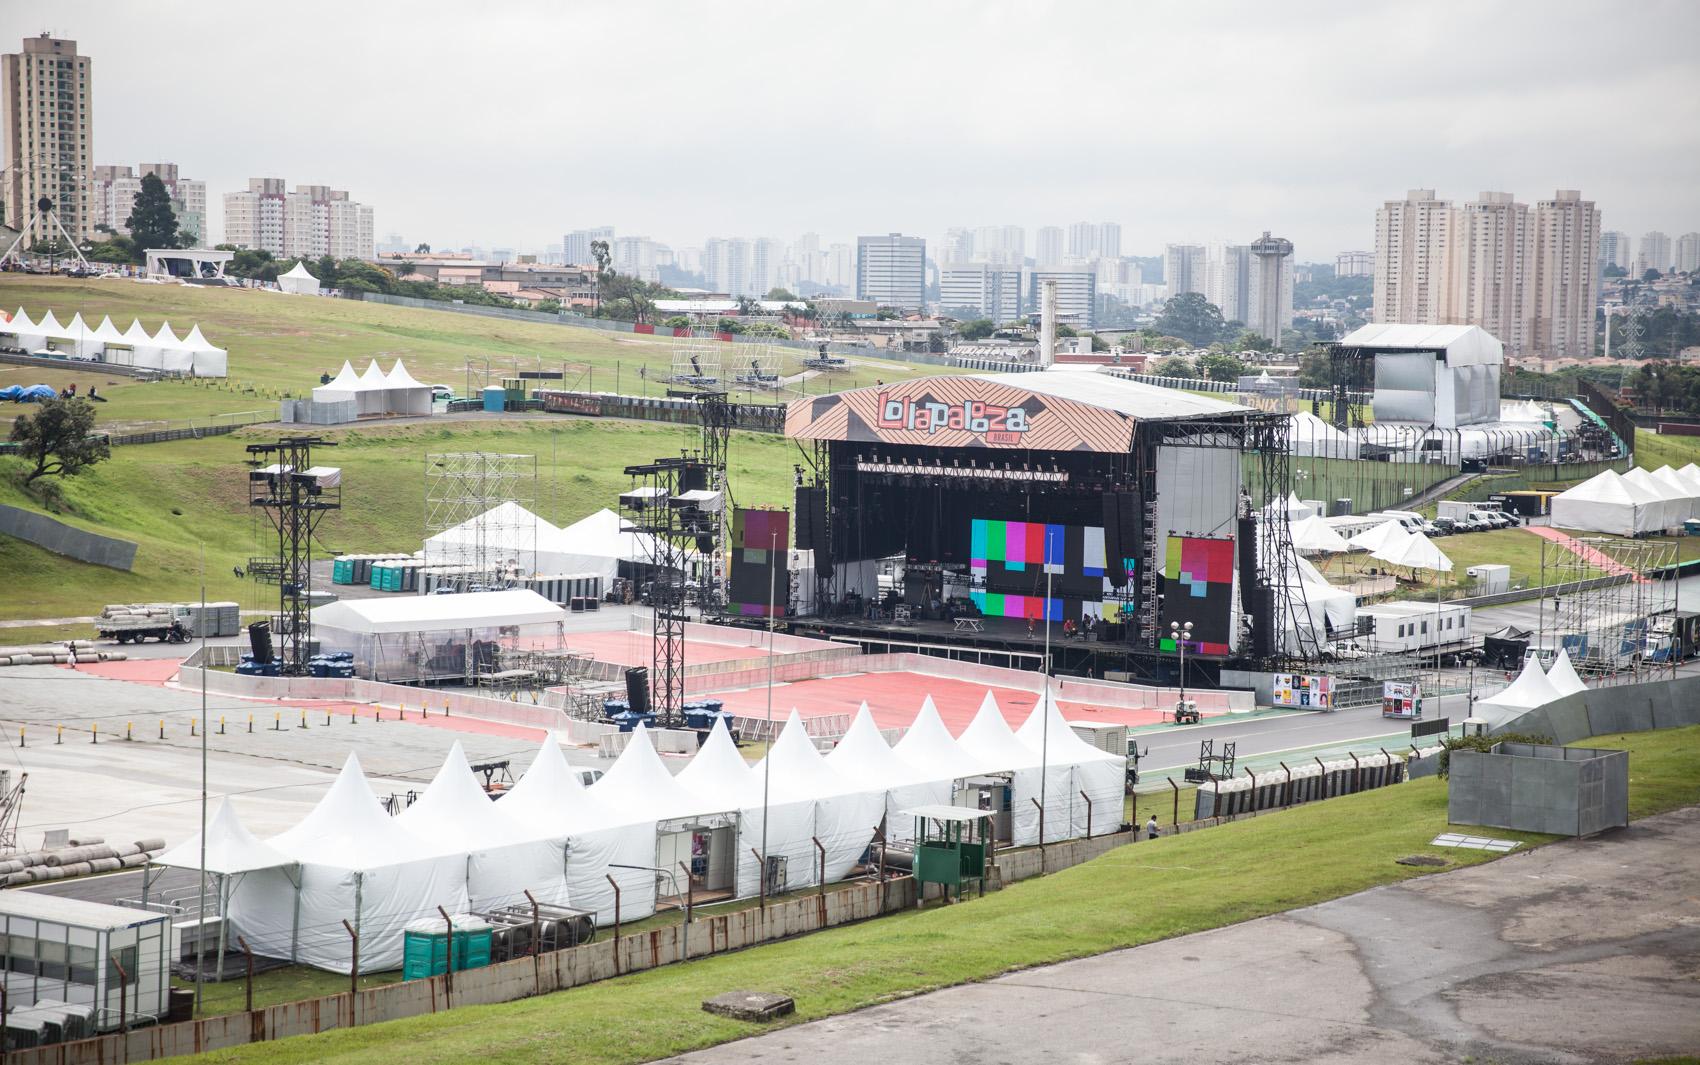 O palco Skol, onde vão se apresentar as bandas Tame Impala, Florence + The Machine, além do rapper Eminem, é visto durante montagem da estrutura no autódromo de Interlagos, em São Paulo